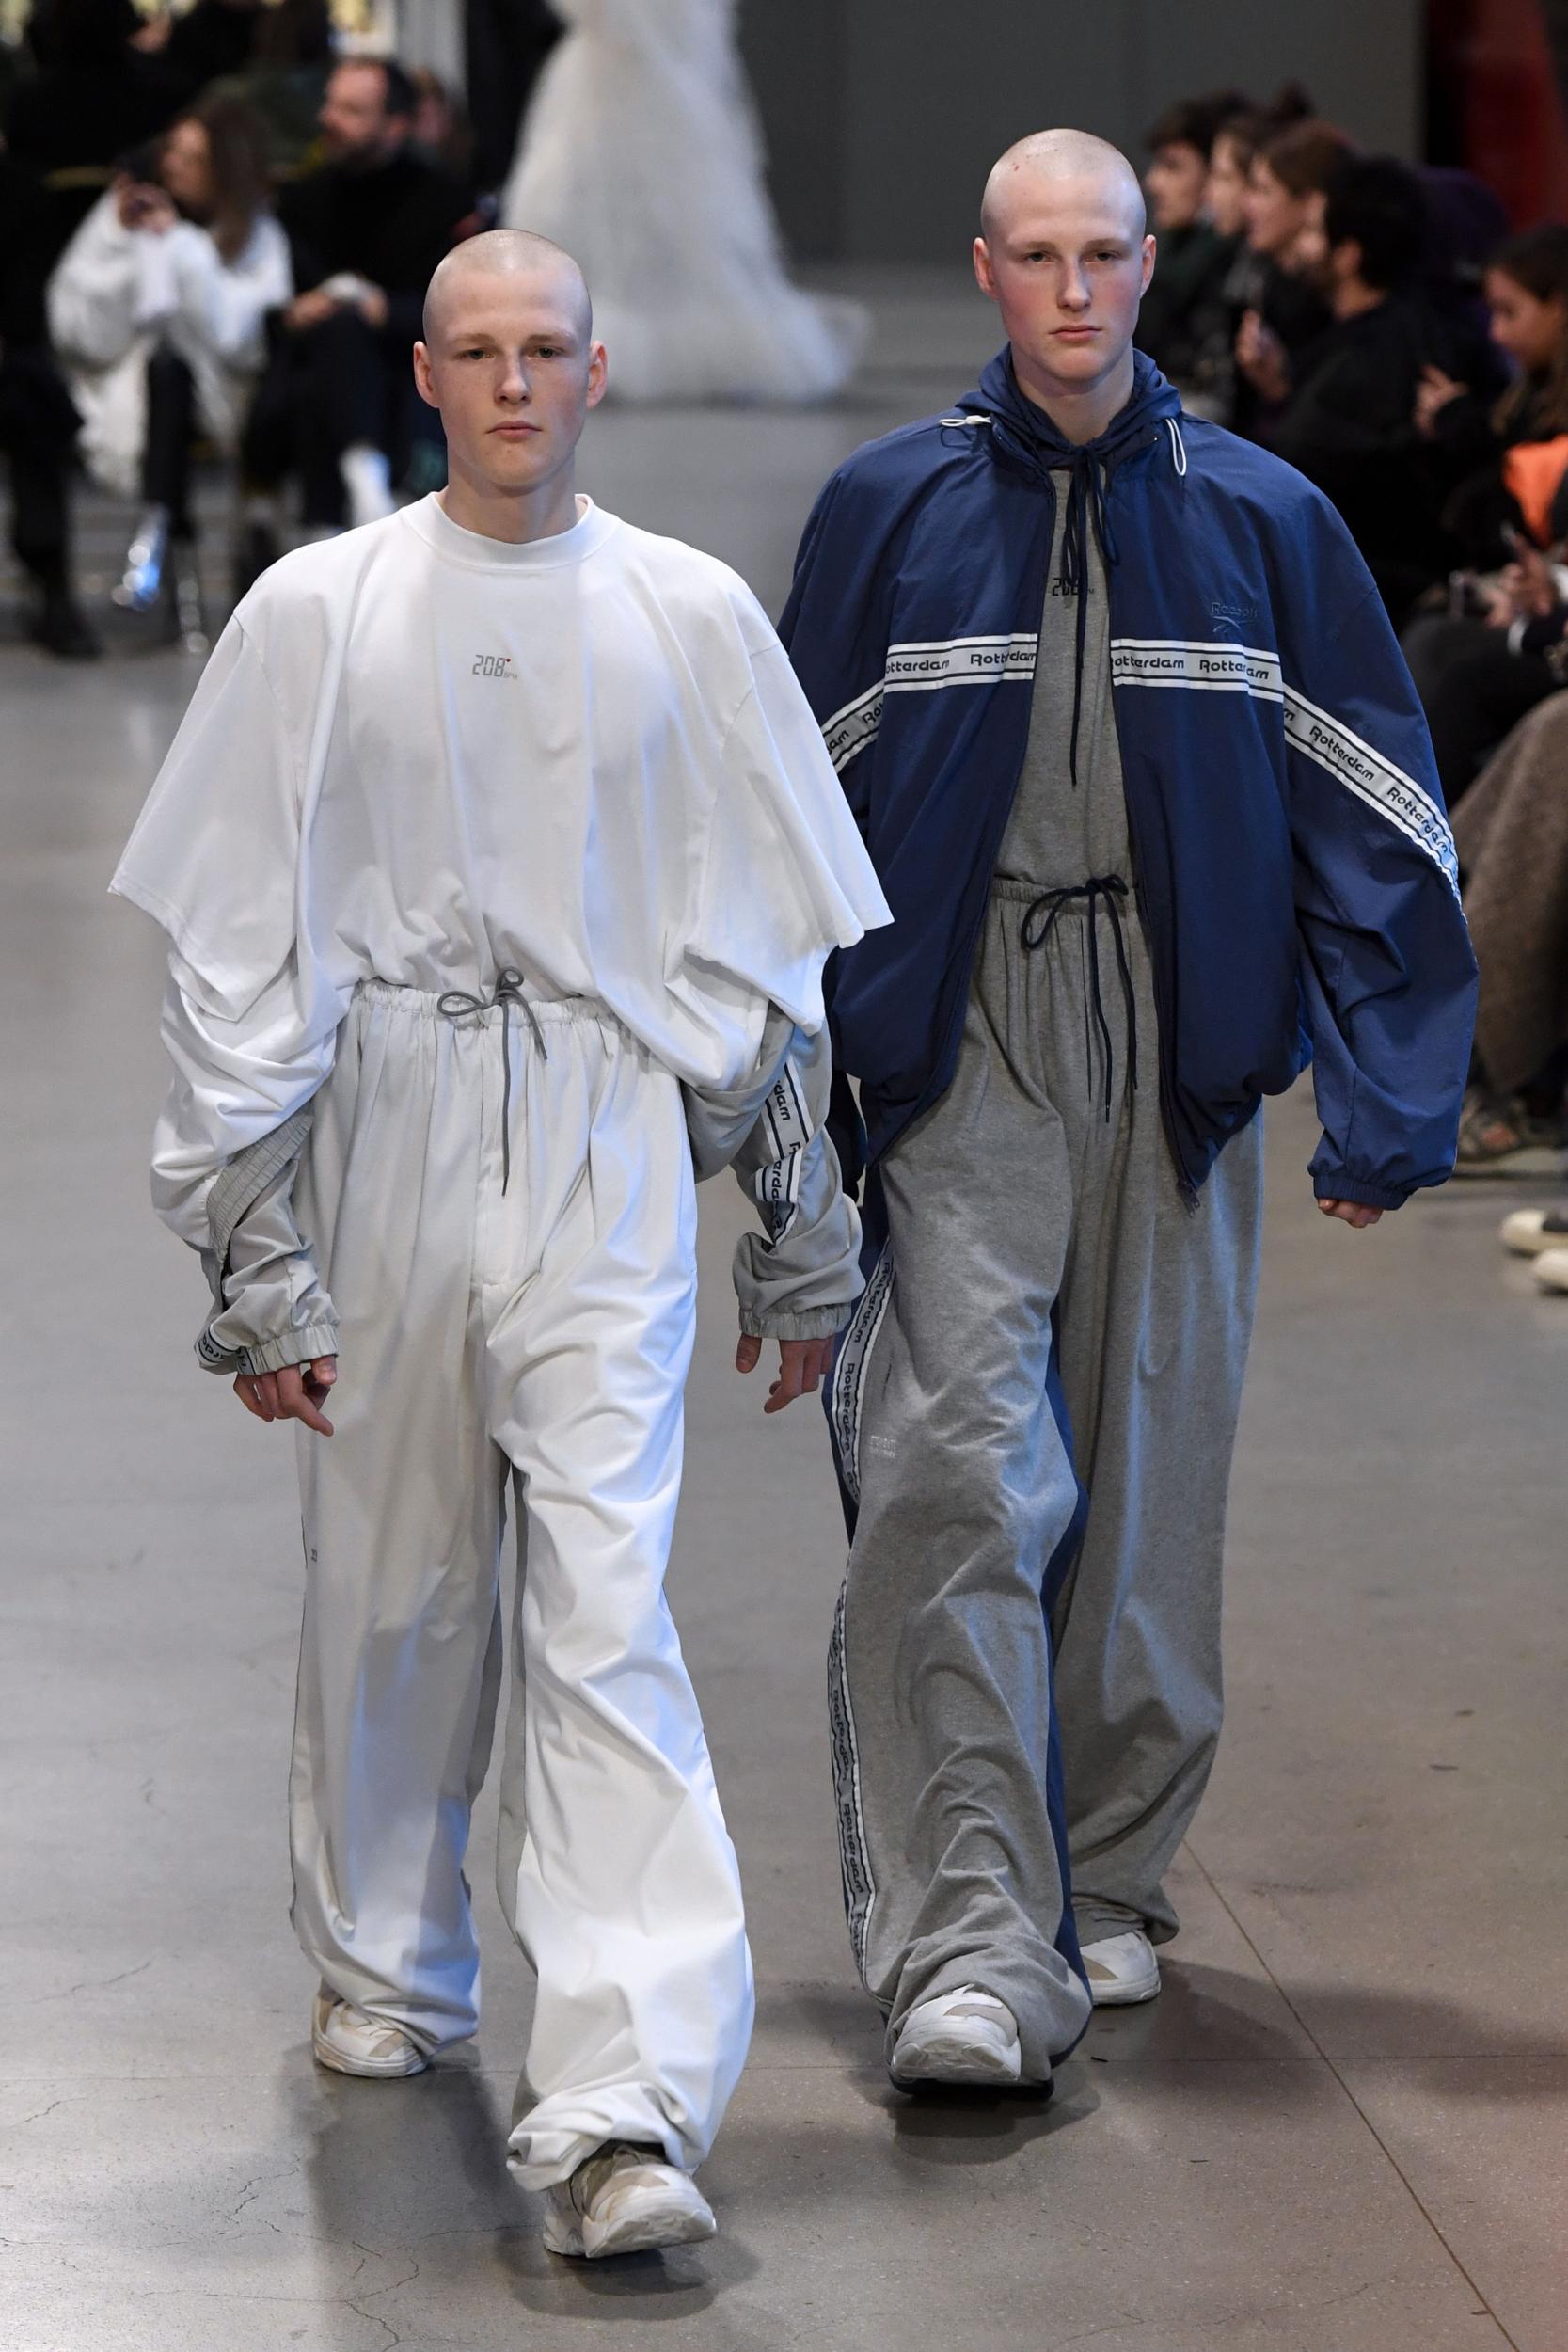 Streetwear influenced a new era of luxury fashion